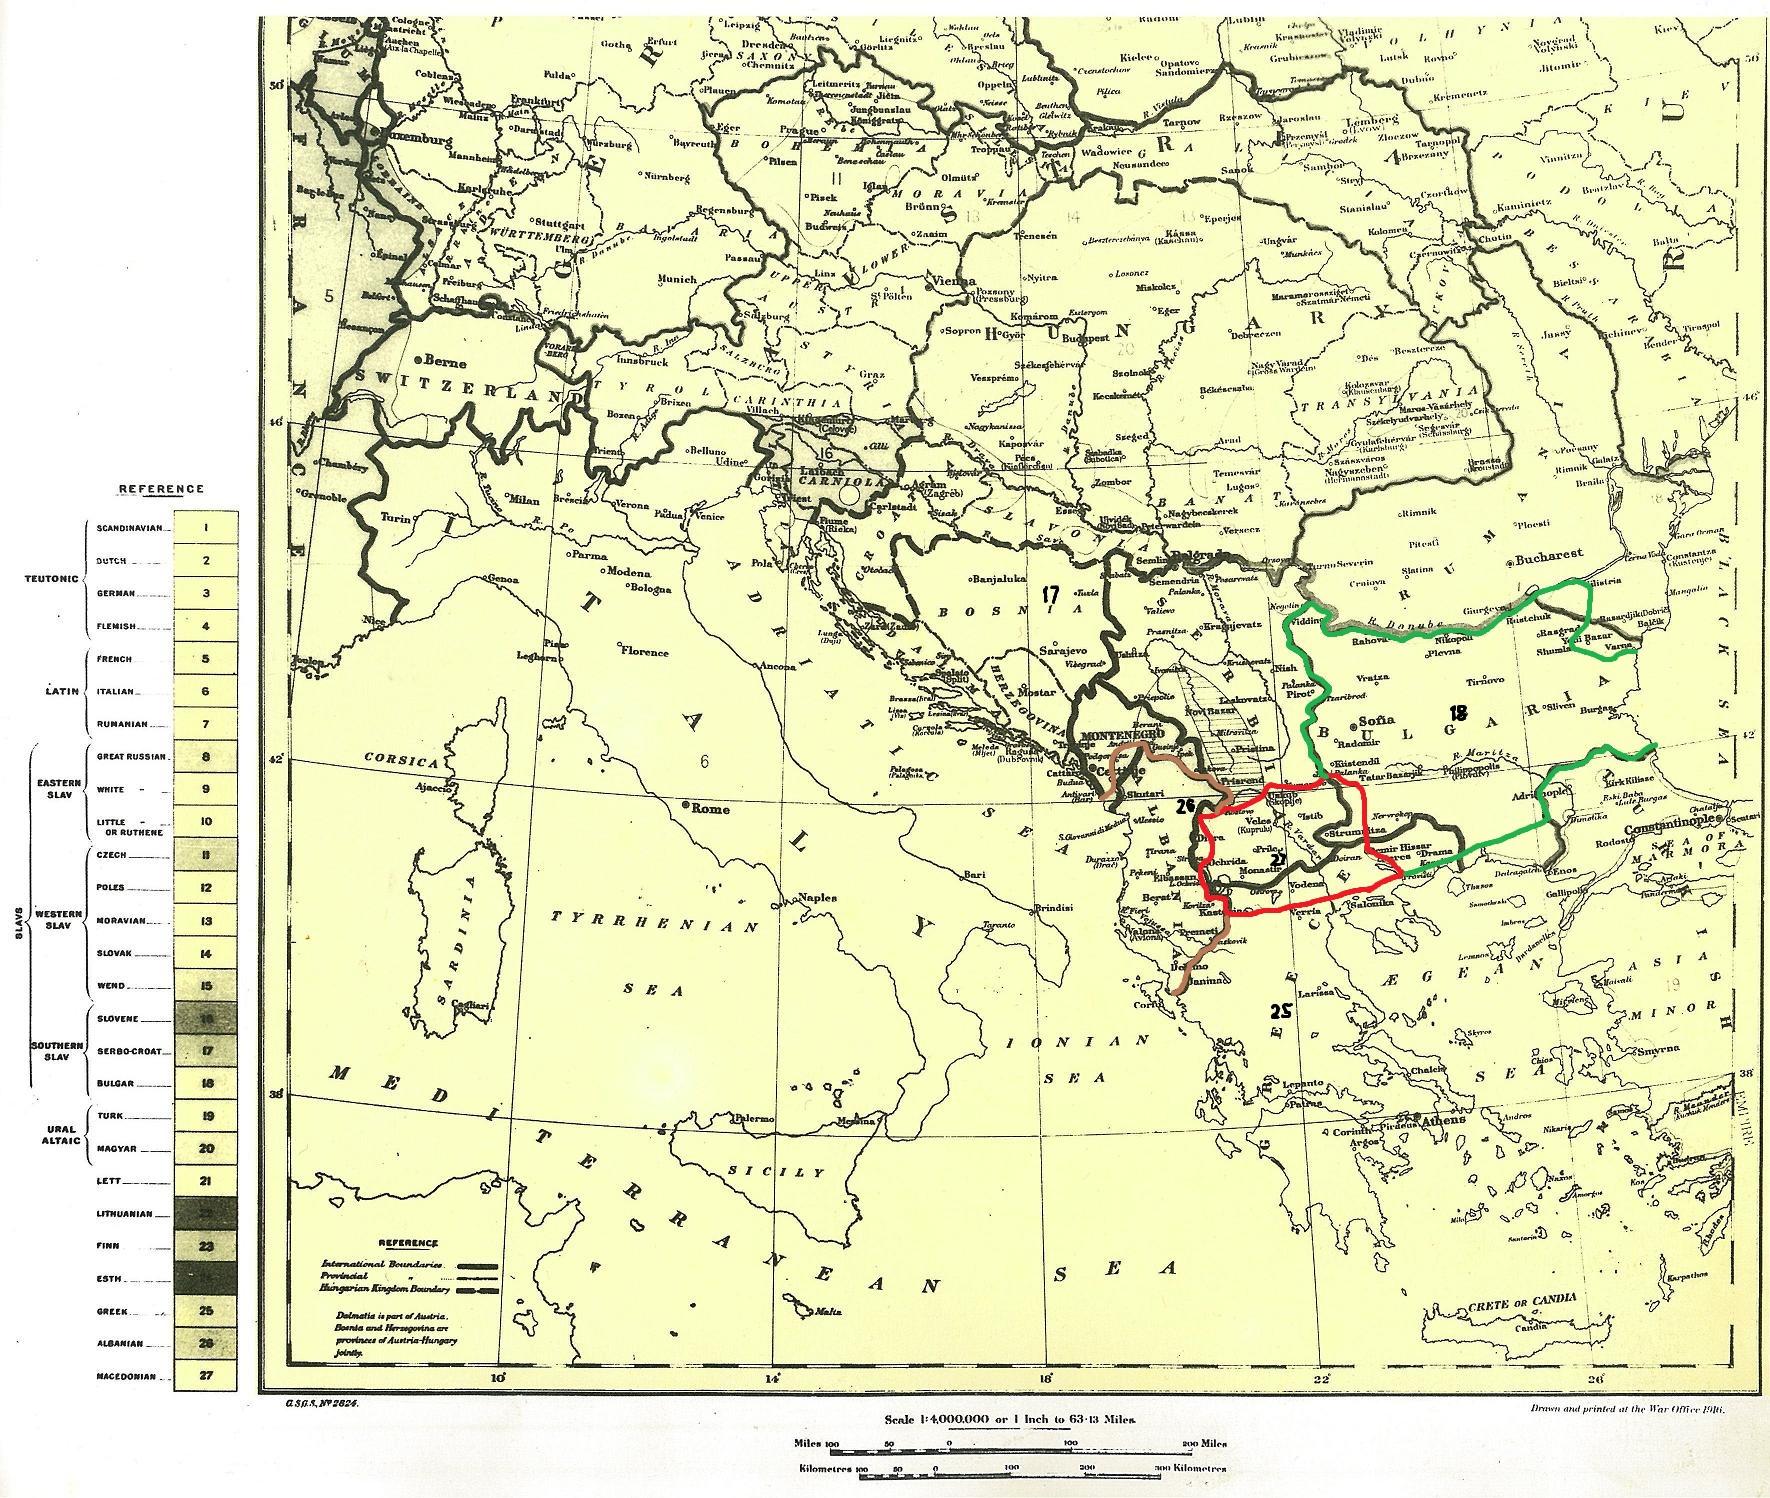 Map Se London.File Karta Mapa Na Koja Se Prikazani Makedoncite Kako Poseben Narod